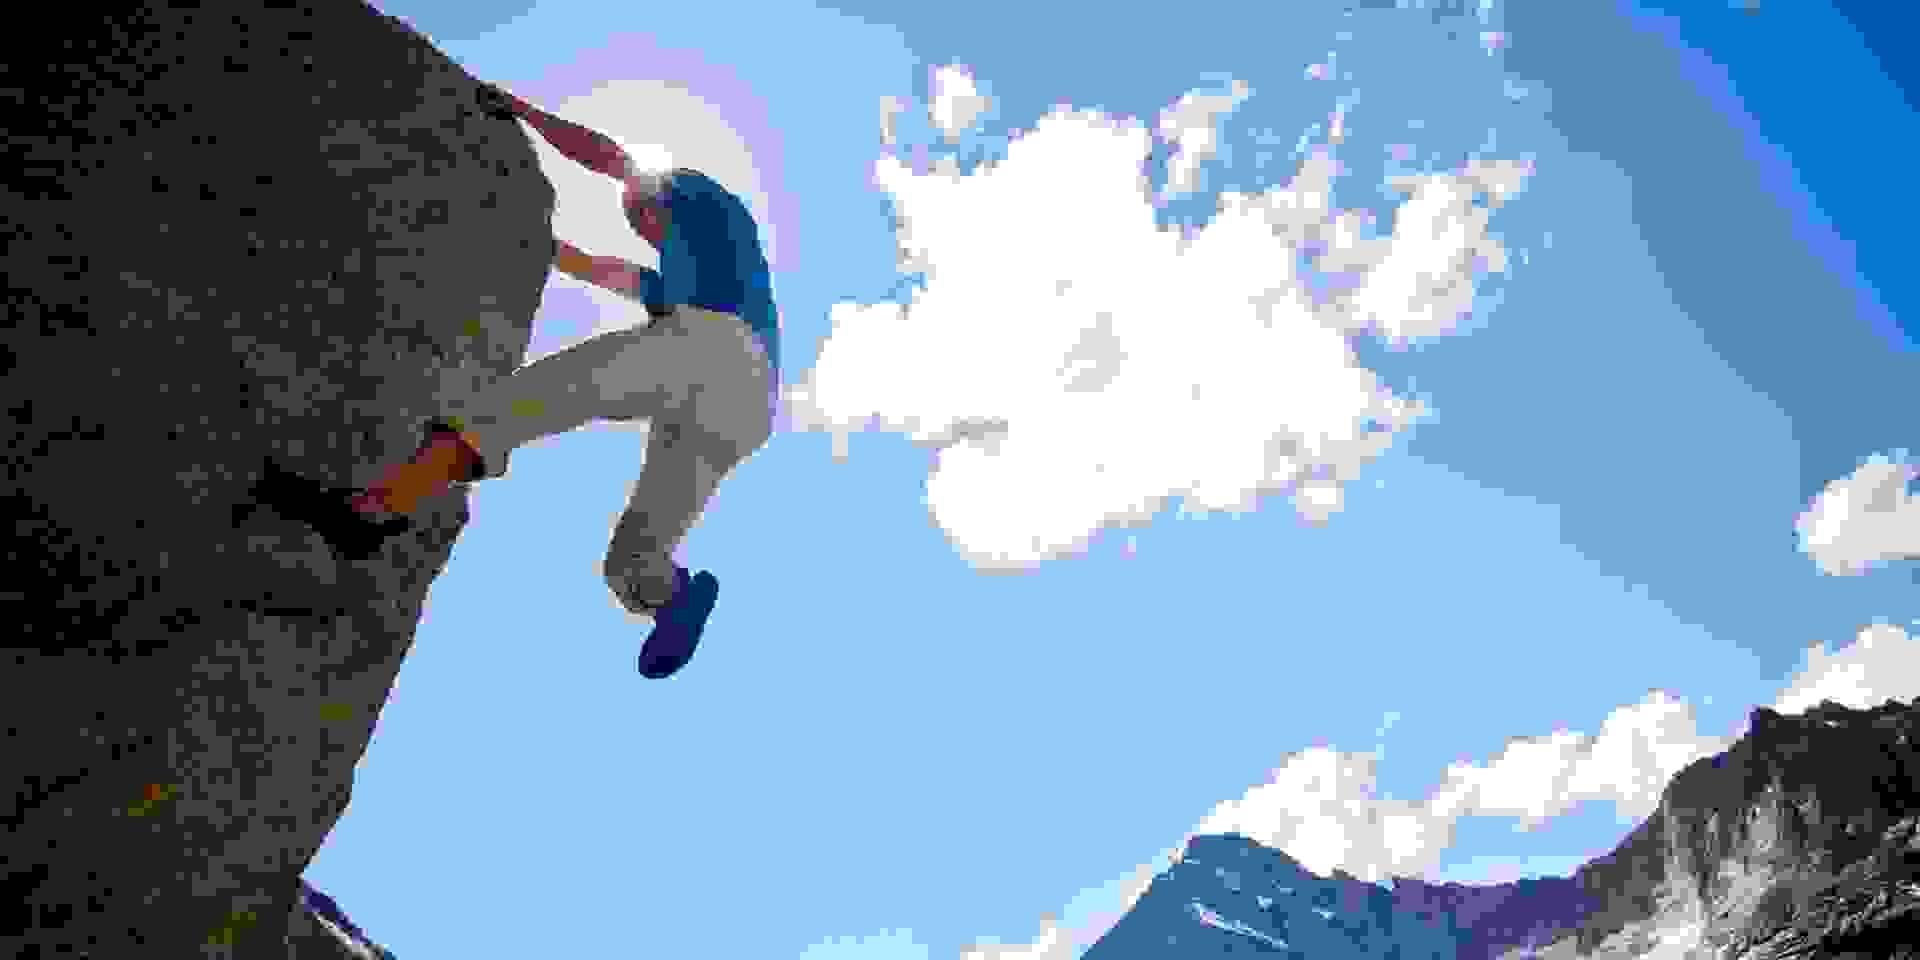 Ein mann bouldert vor einem Bergpanorama im Freien